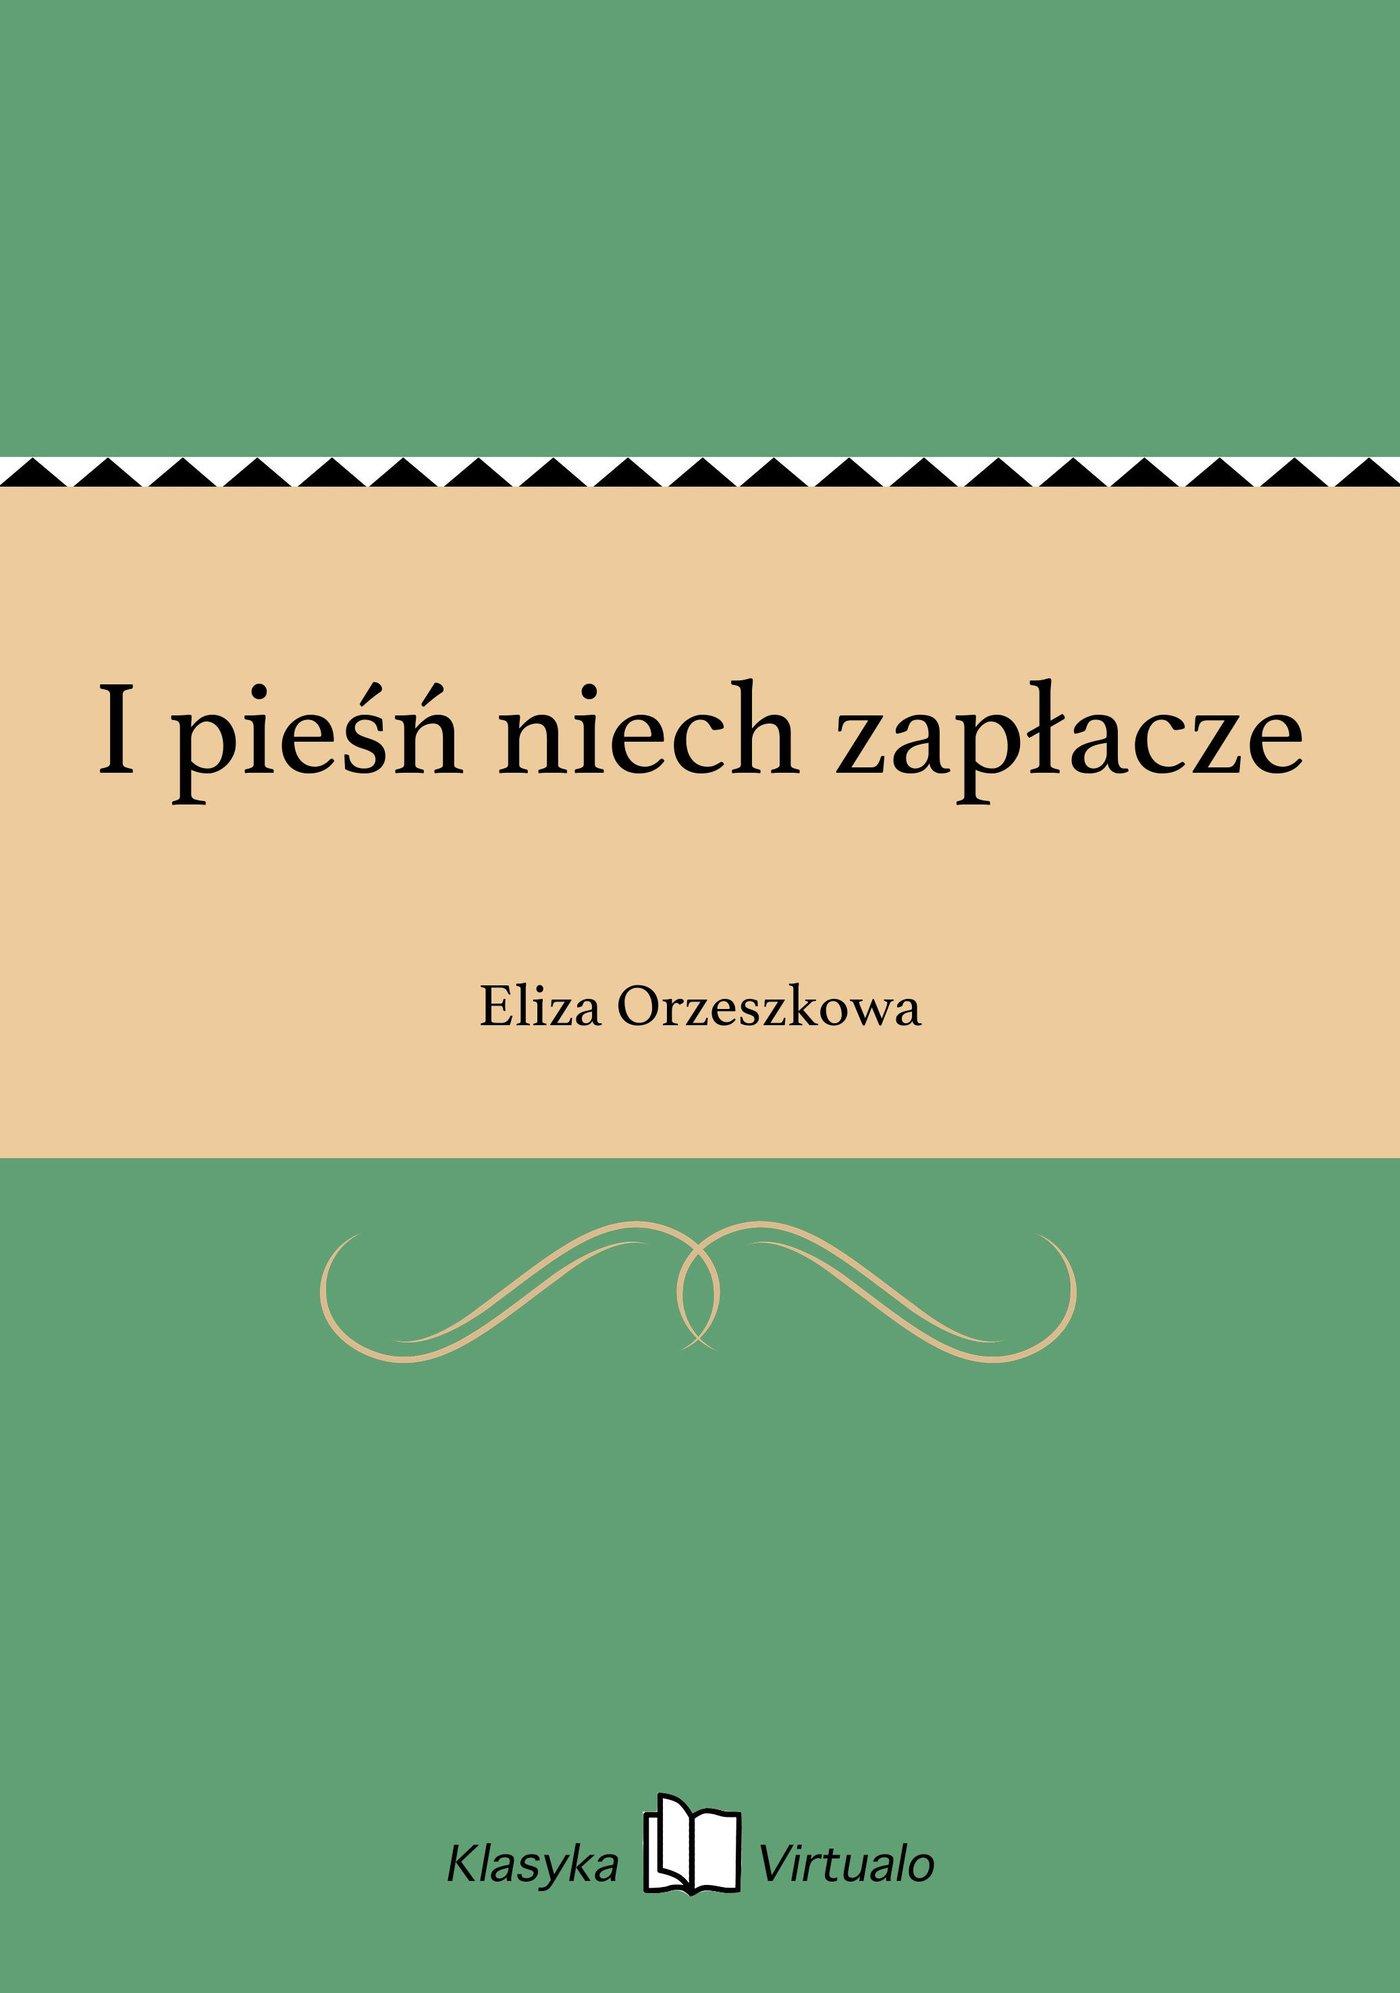 I pieśń niech zapłacze - Ebook (Książka na Kindle) do pobrania w formacie MOBI